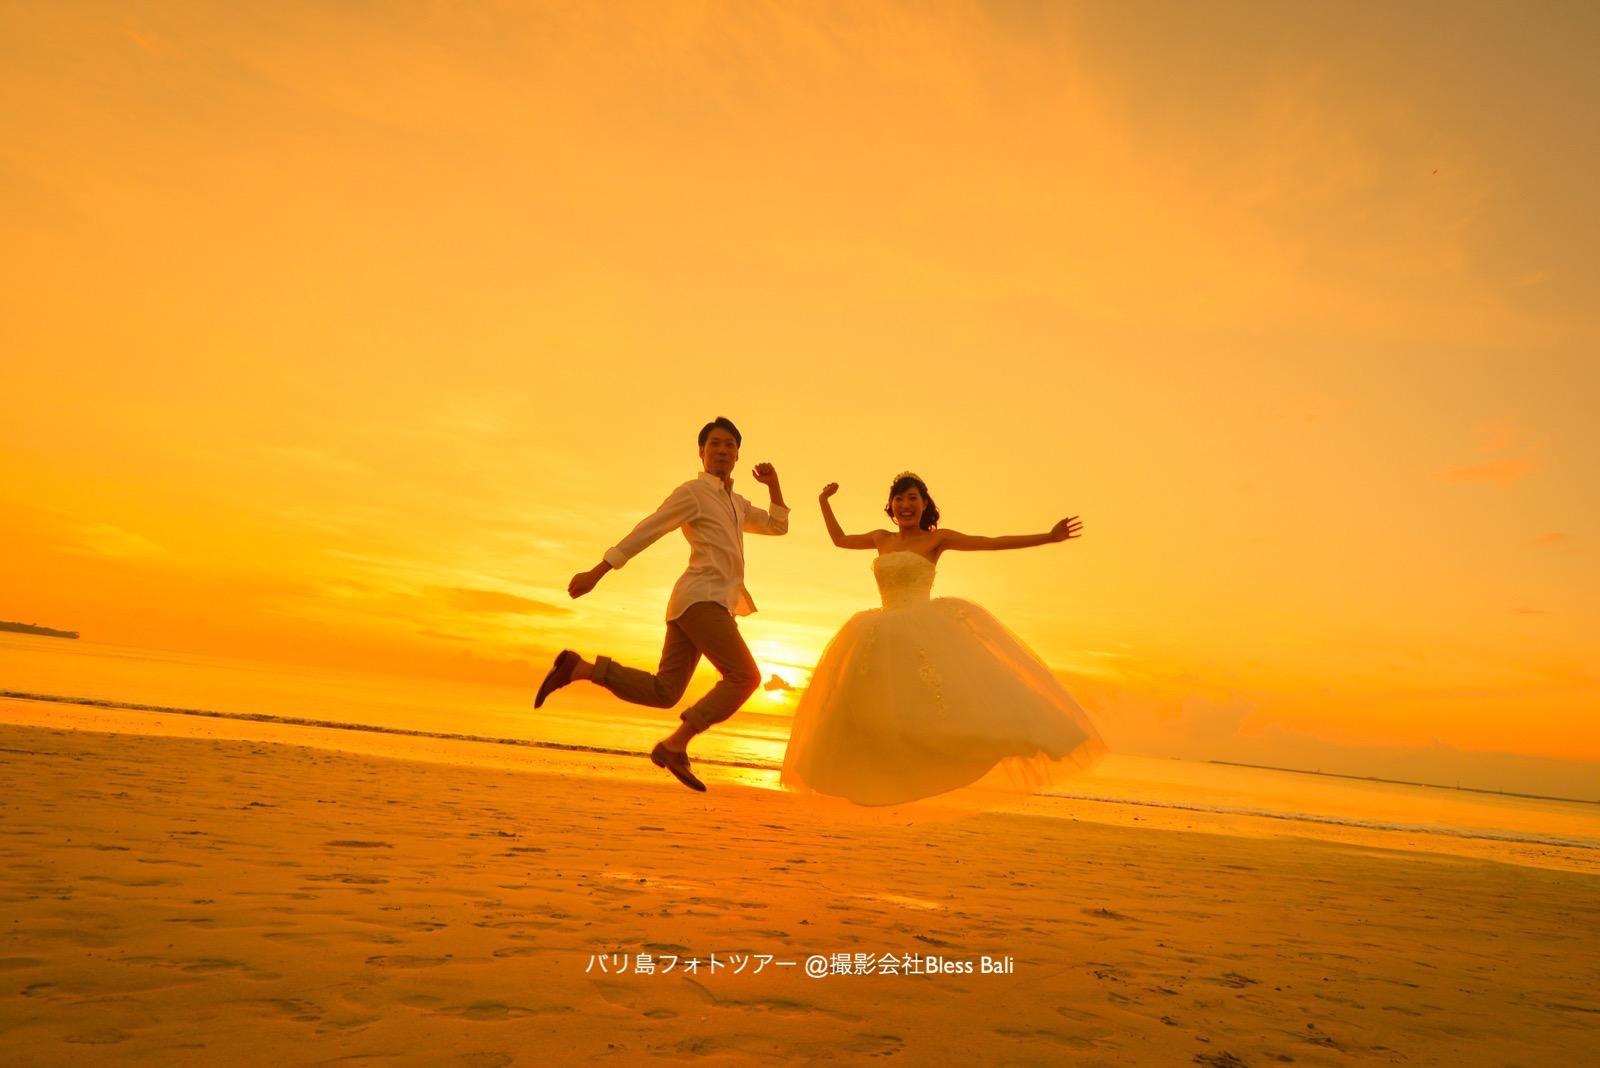 バリ島夕日をバックにジャンプ